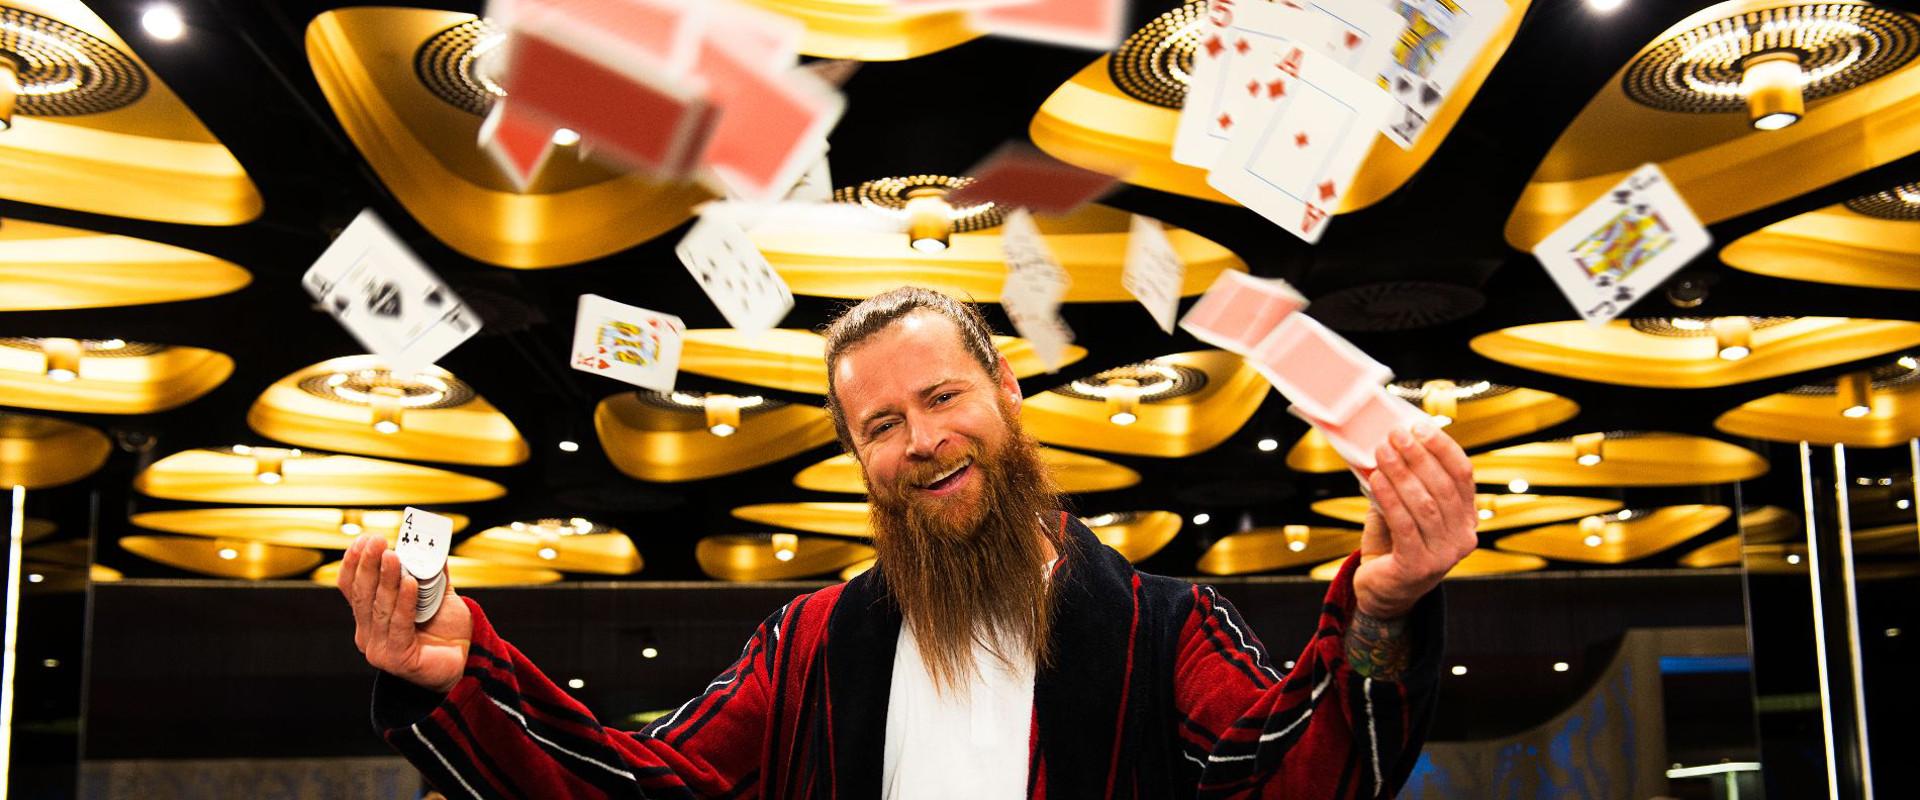 Fallsview casino poker rake www casino windsor ca